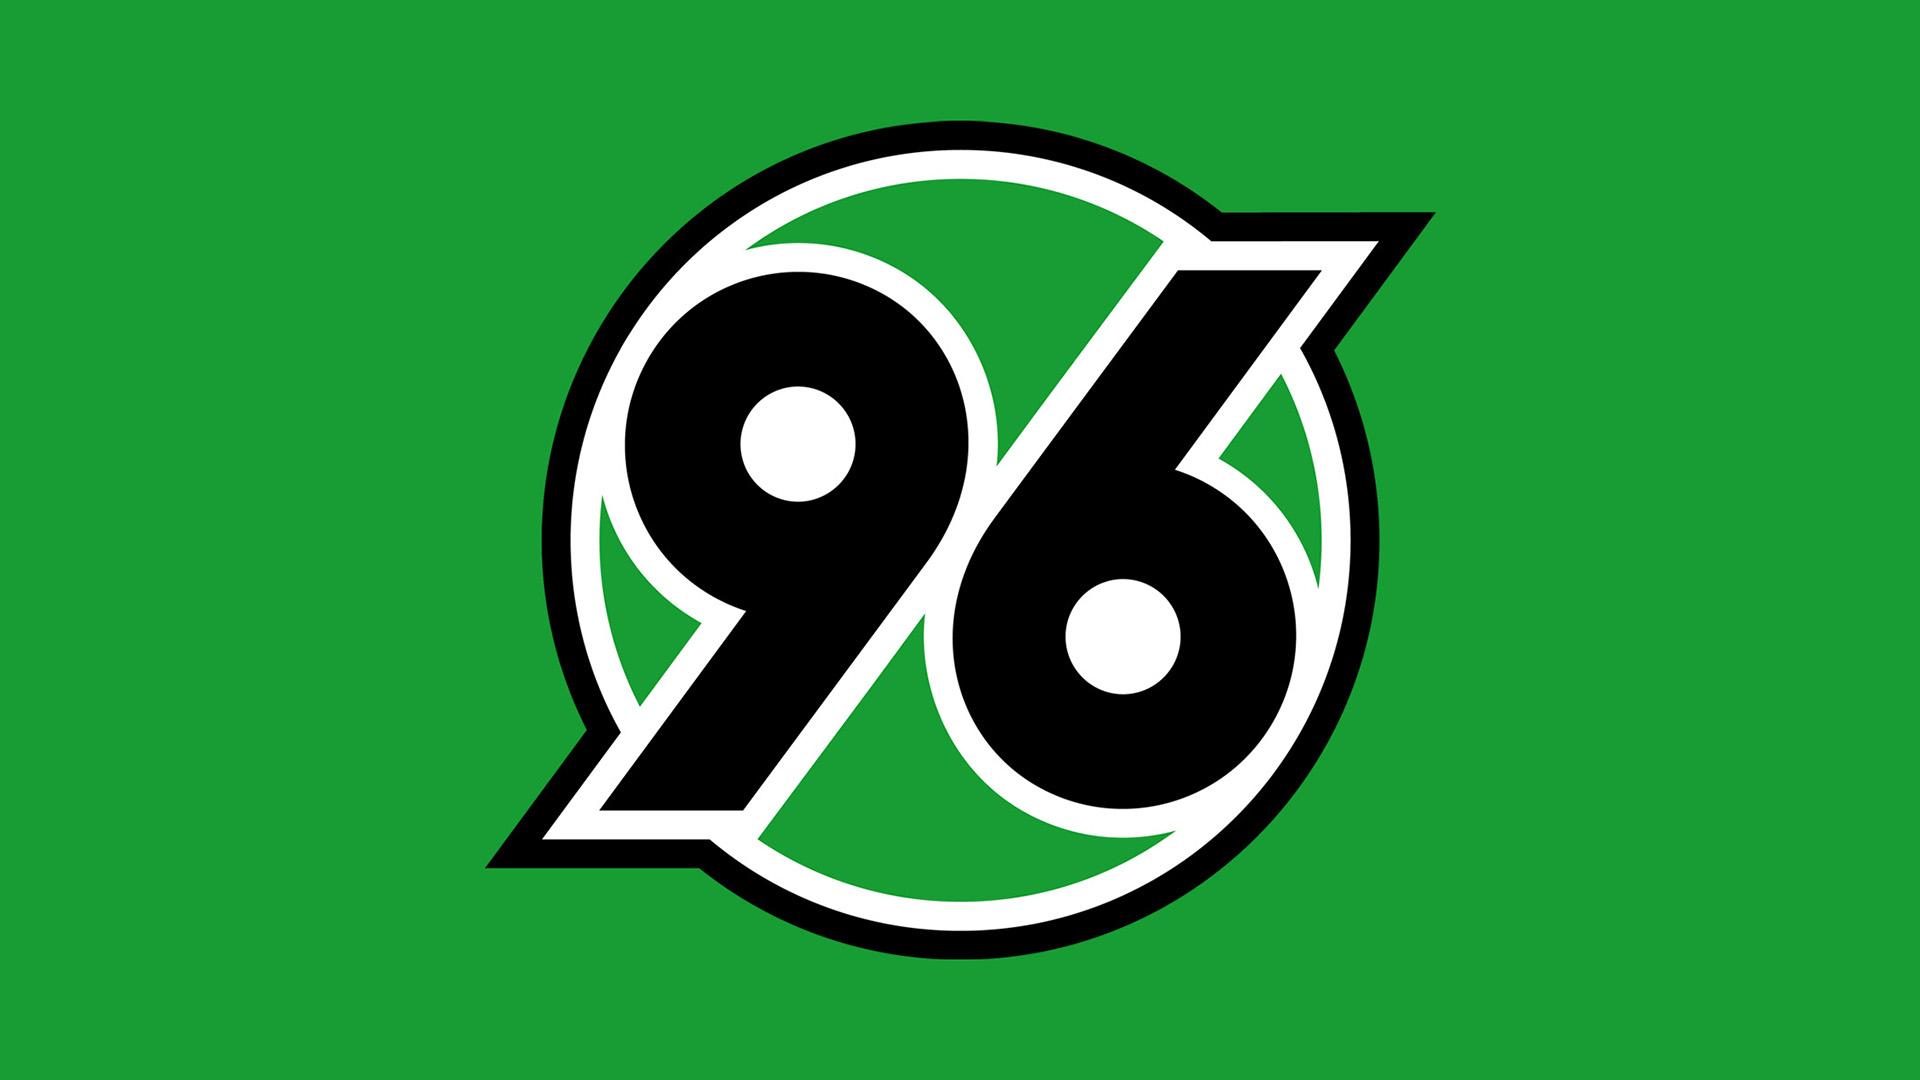 96 Bild